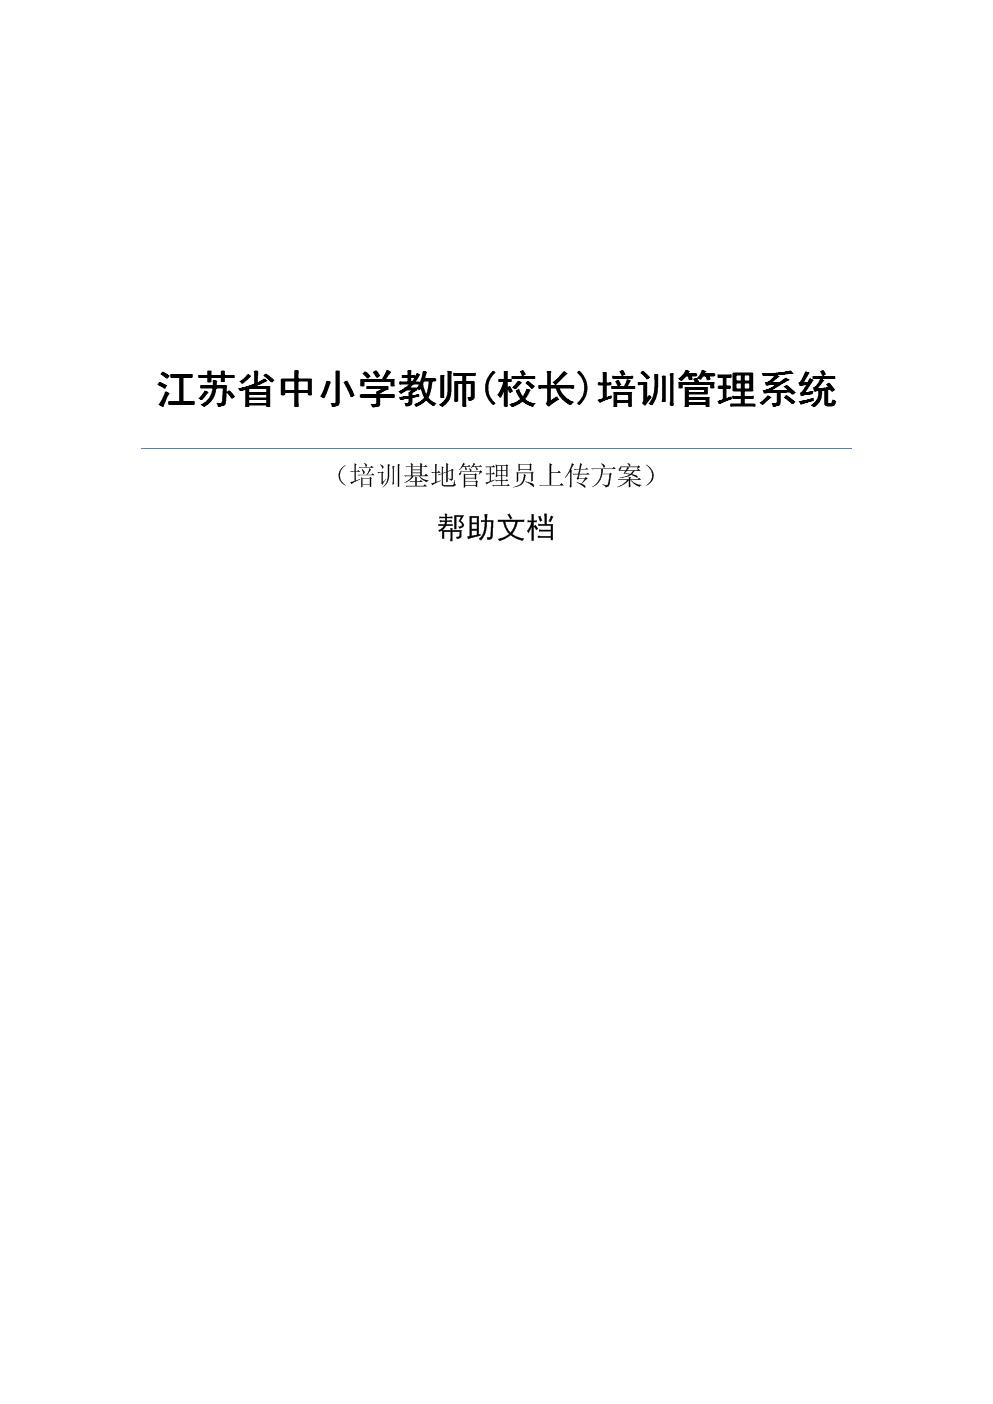 江苏省中小学教师校长培训管理系统.doc